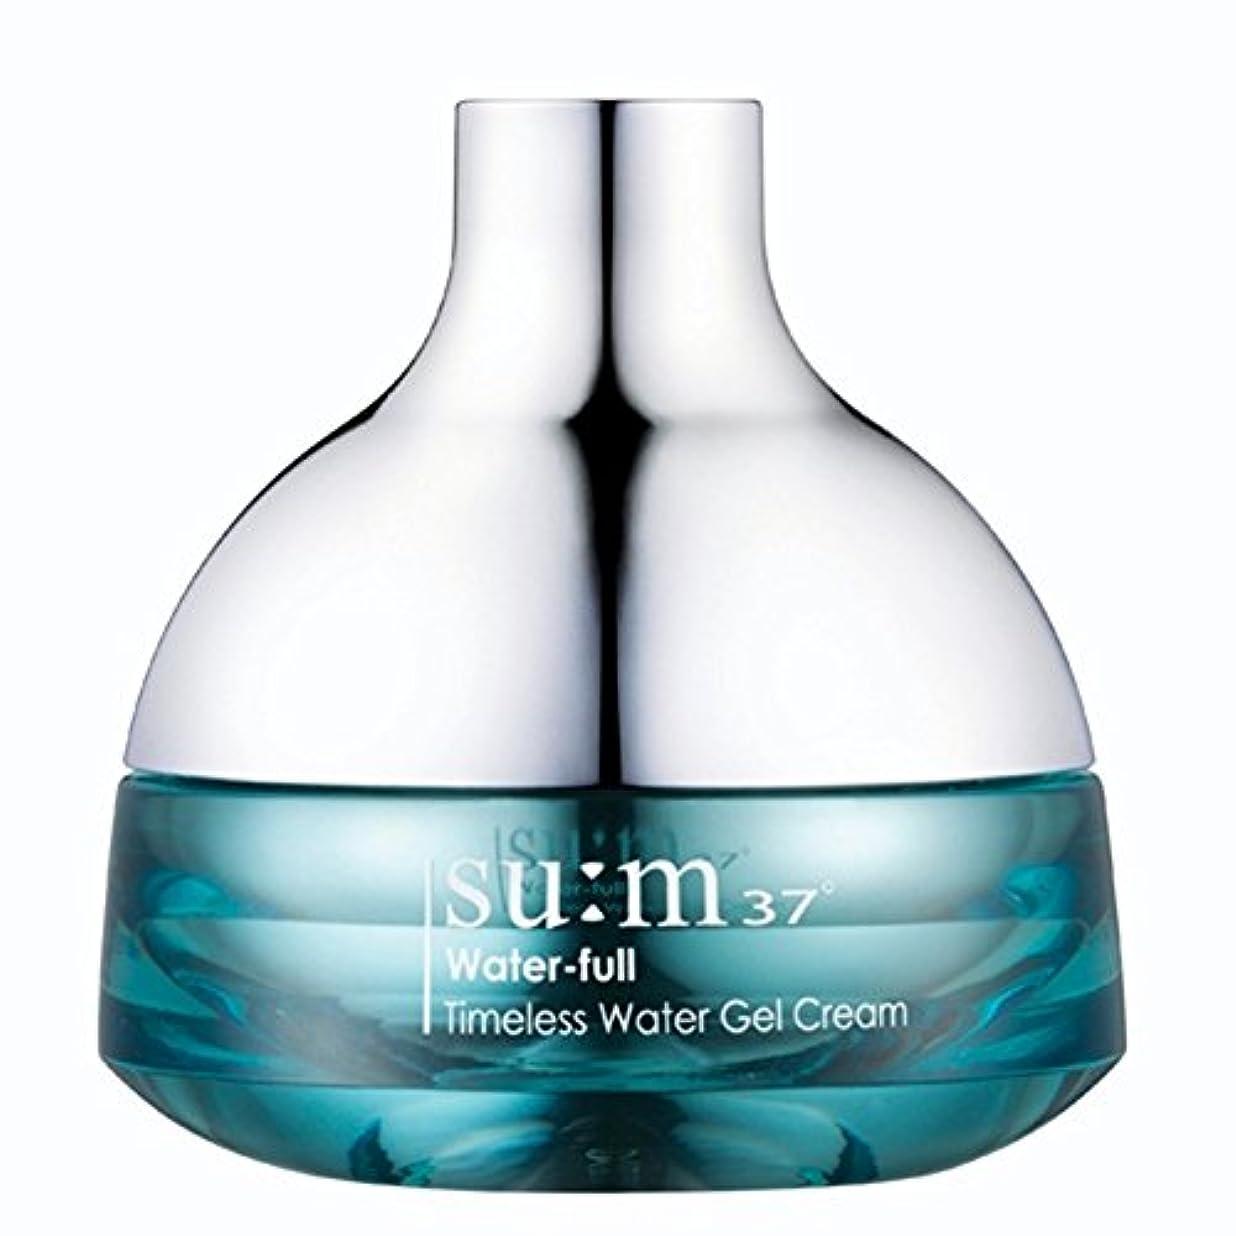 北米息を切らして電信su:m37/スム37° スム37 ウォーターフルタイムレスウォータージェルクリーム50ml (sum 37ºWater-full Timeless Water Gel Cream 50ml + Special Gift...